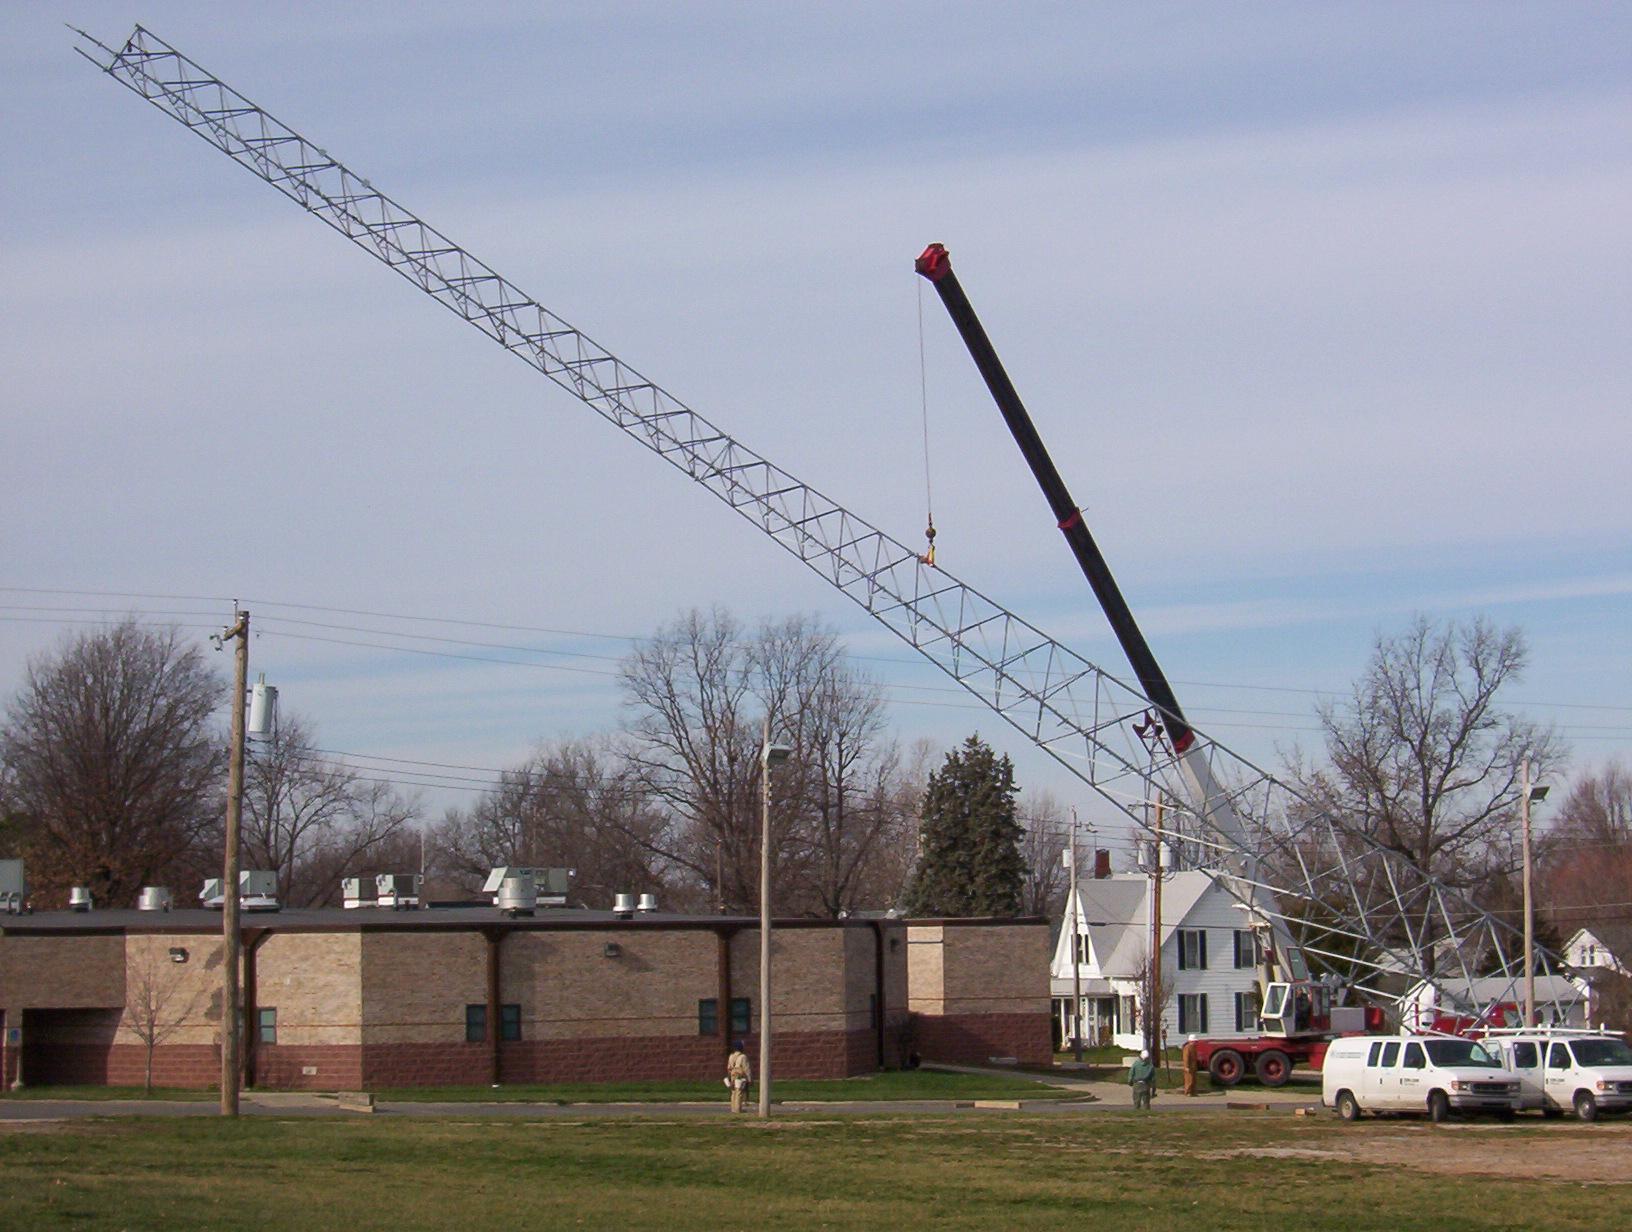 Raising an 180ft Tower